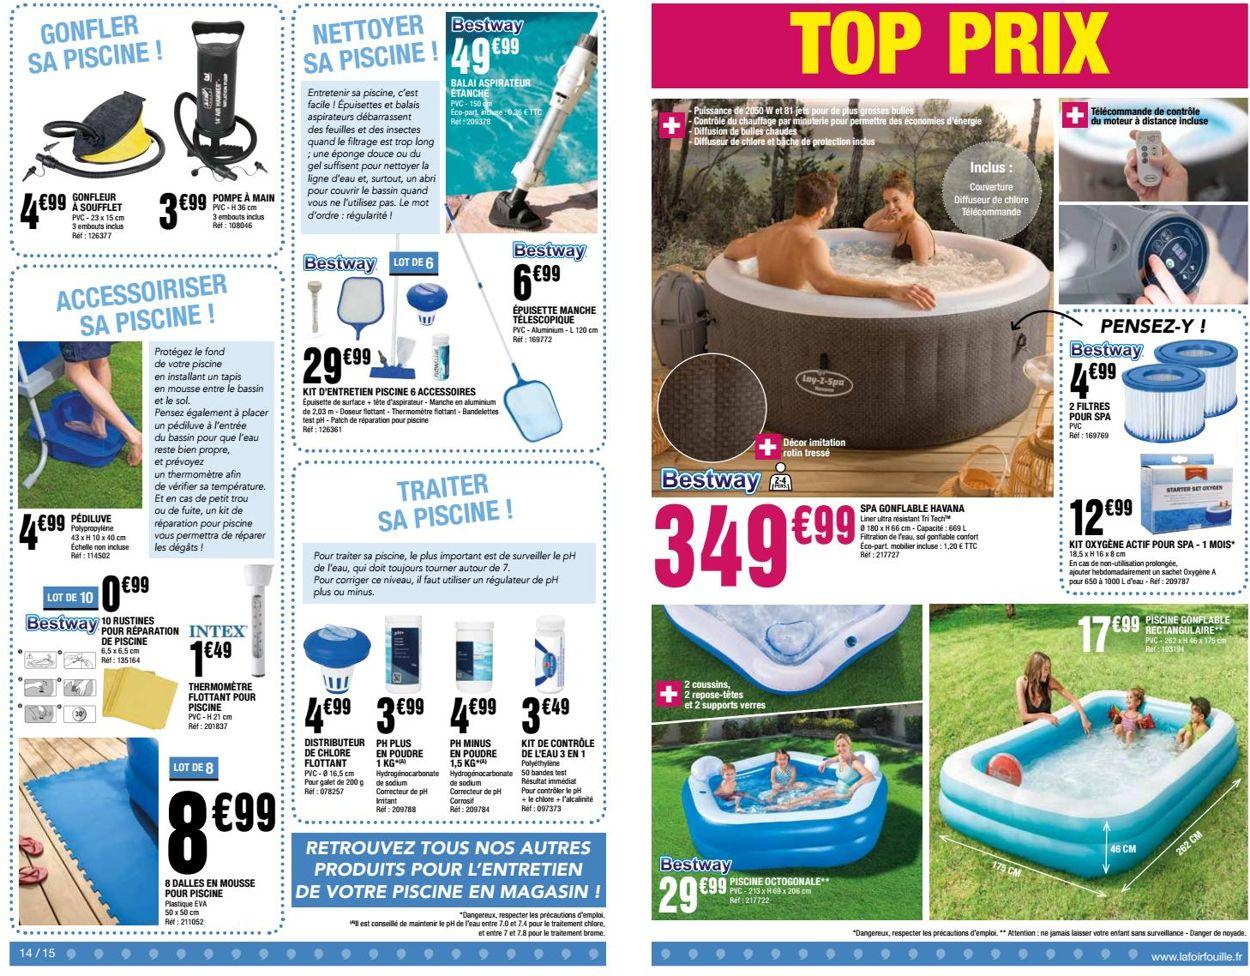 La Foir Fouille Catalogue Actuel 15 05 18 06 2020 8 Catalogue 24 Com